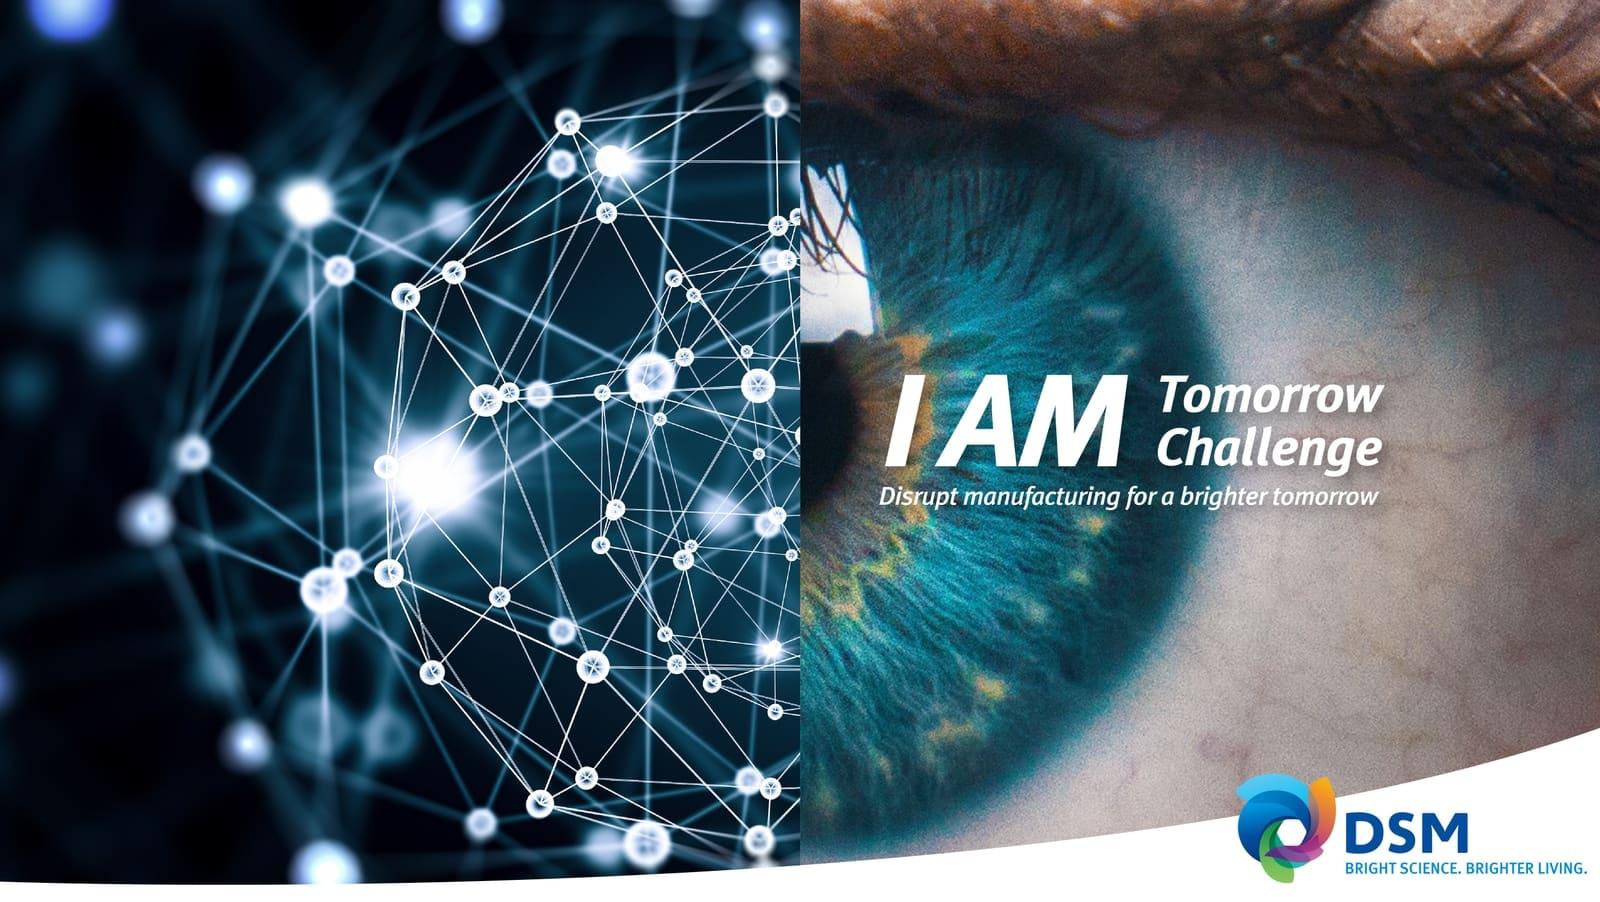 DSMが6社のスタートアップ企業とアディティブ・マニュファクチャリング・ワークフロー・プラットフォームを開発